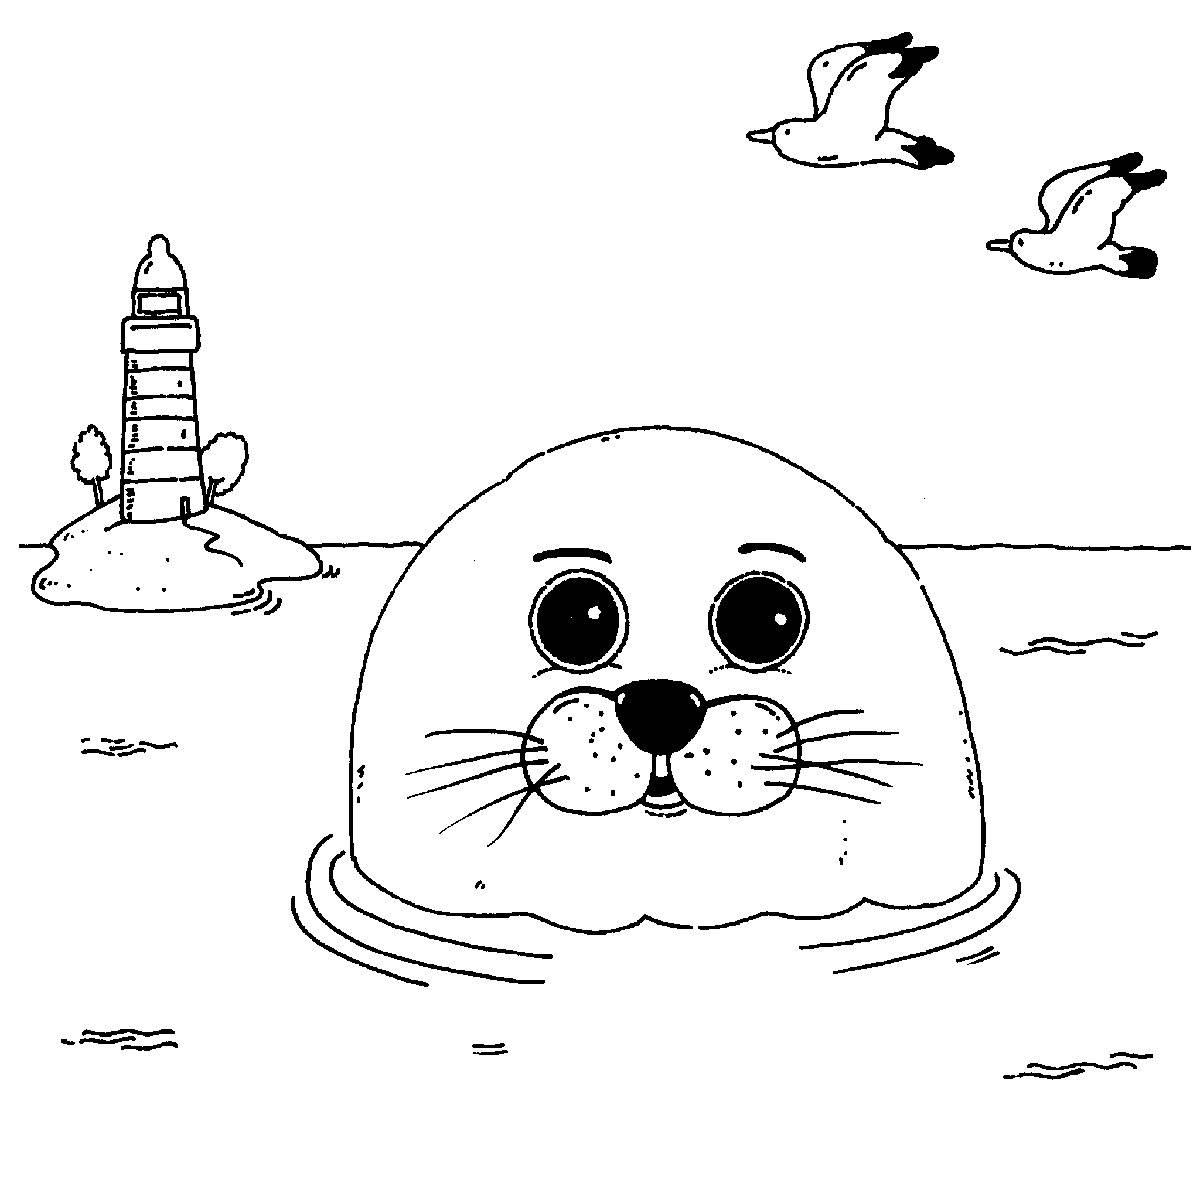 37 Leuchtturm Bilder Zum Ausdrucken - Besten Bilder von